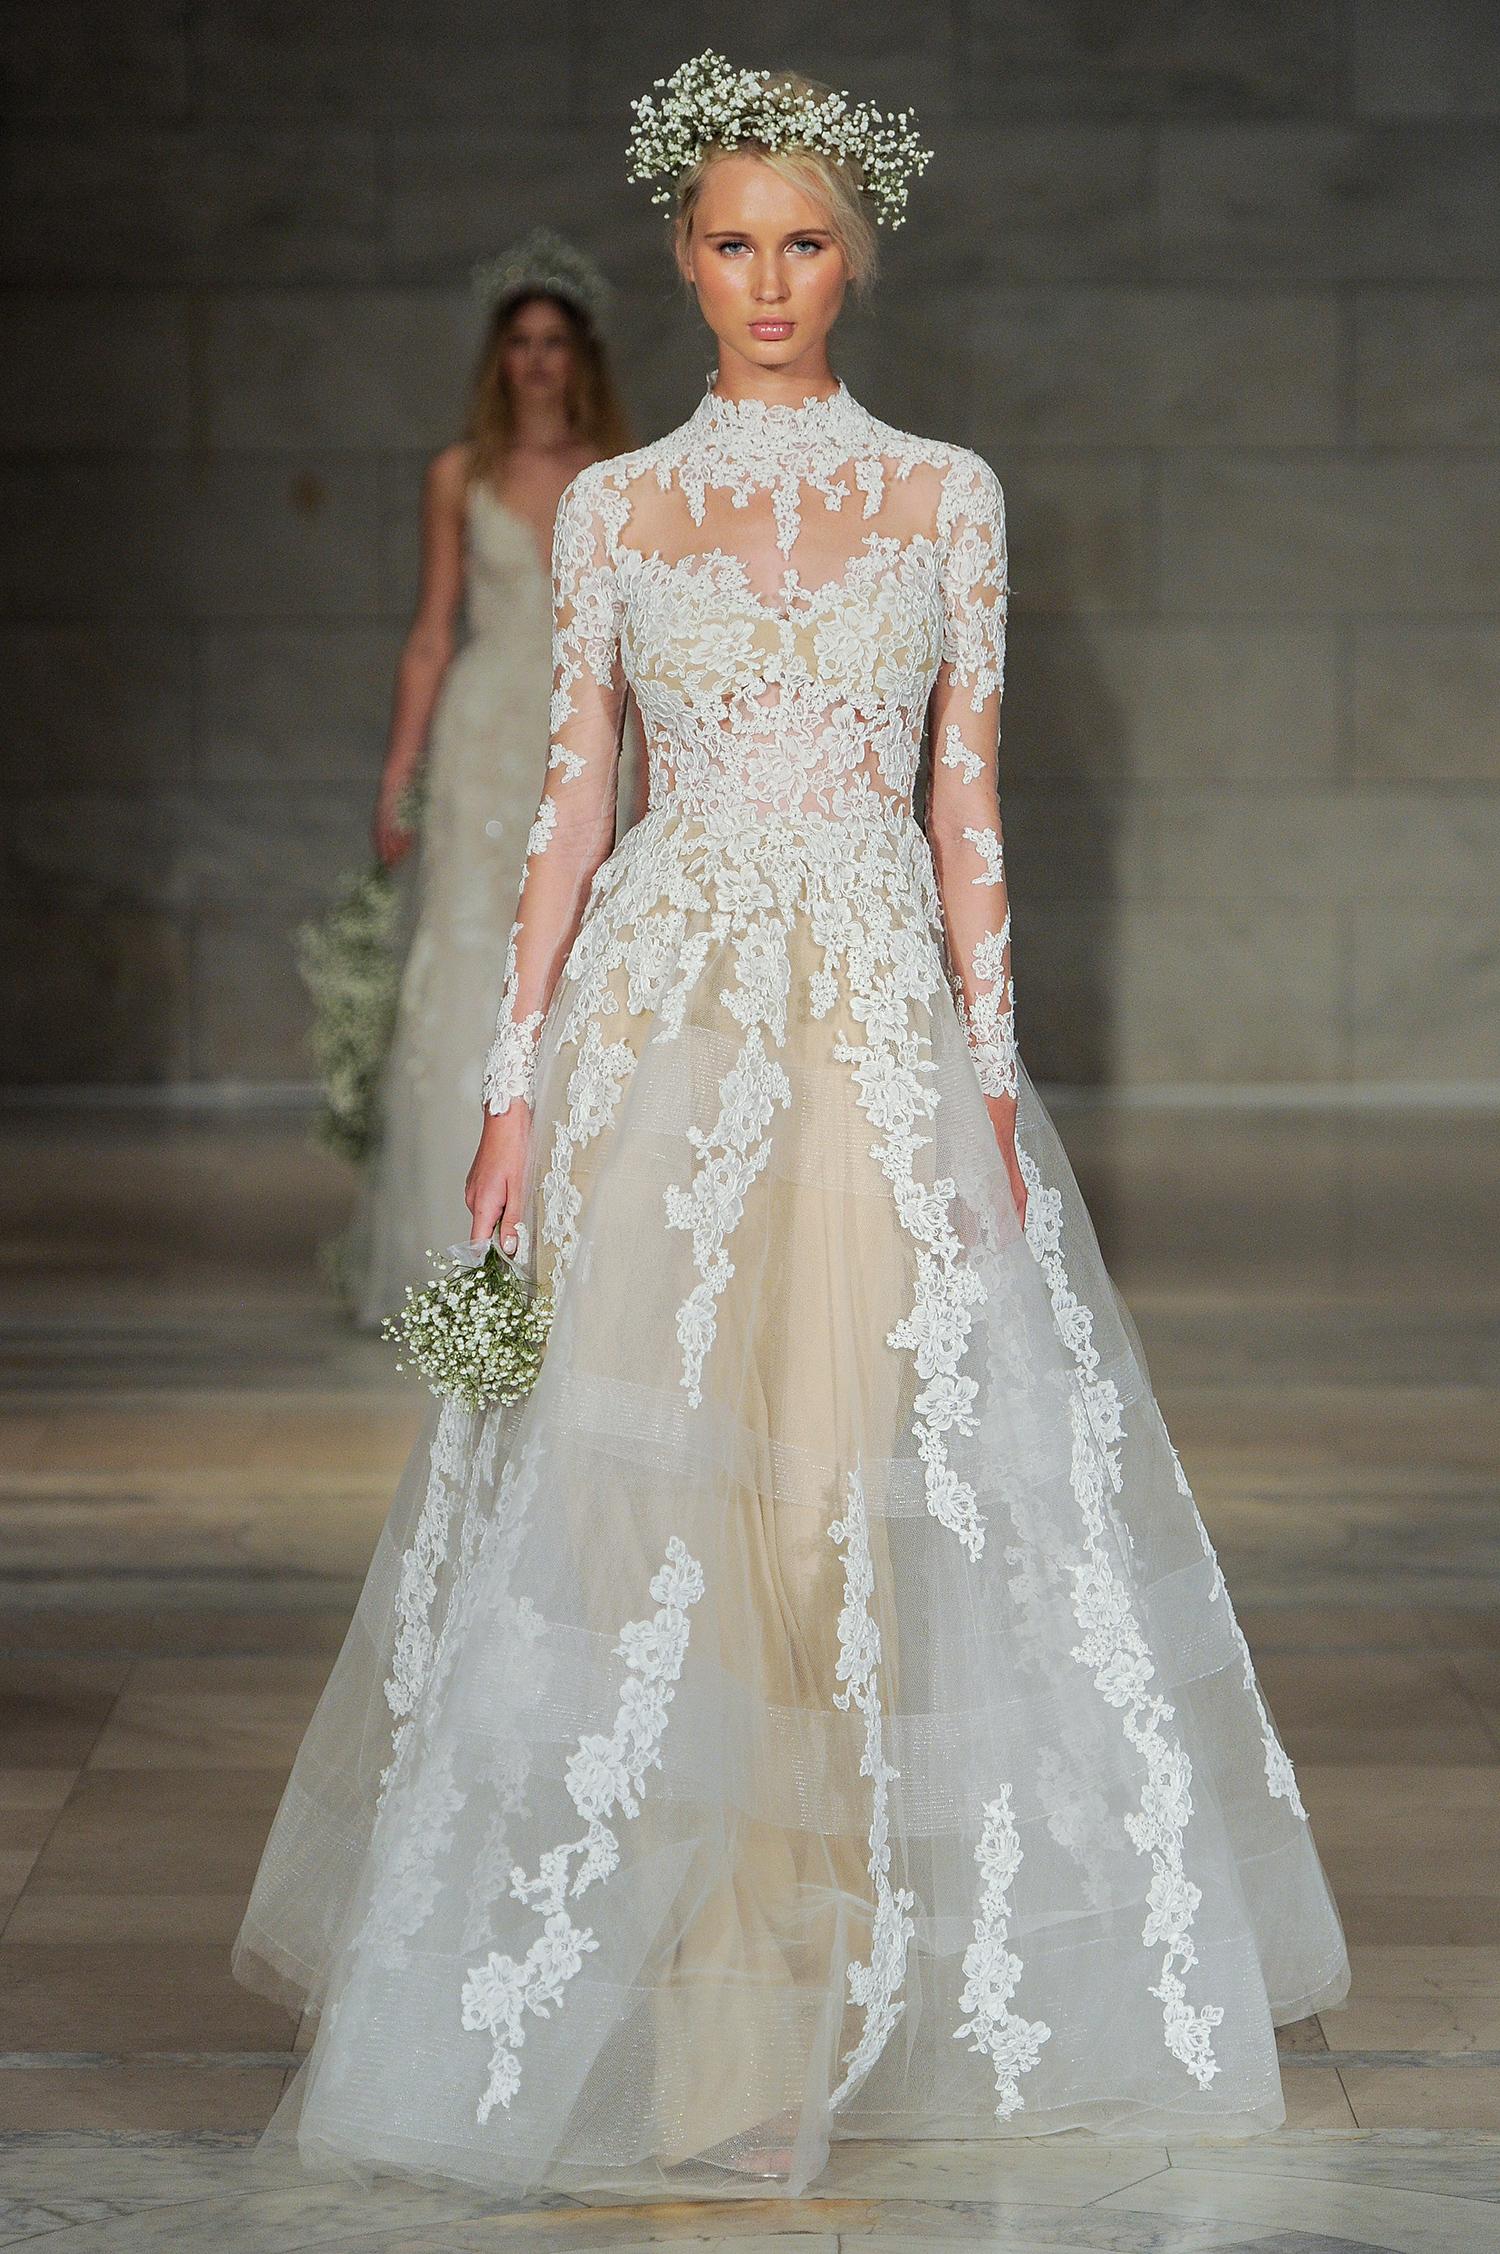 reem acra bridal market wedding dress fall 2018 high neck long sleeve